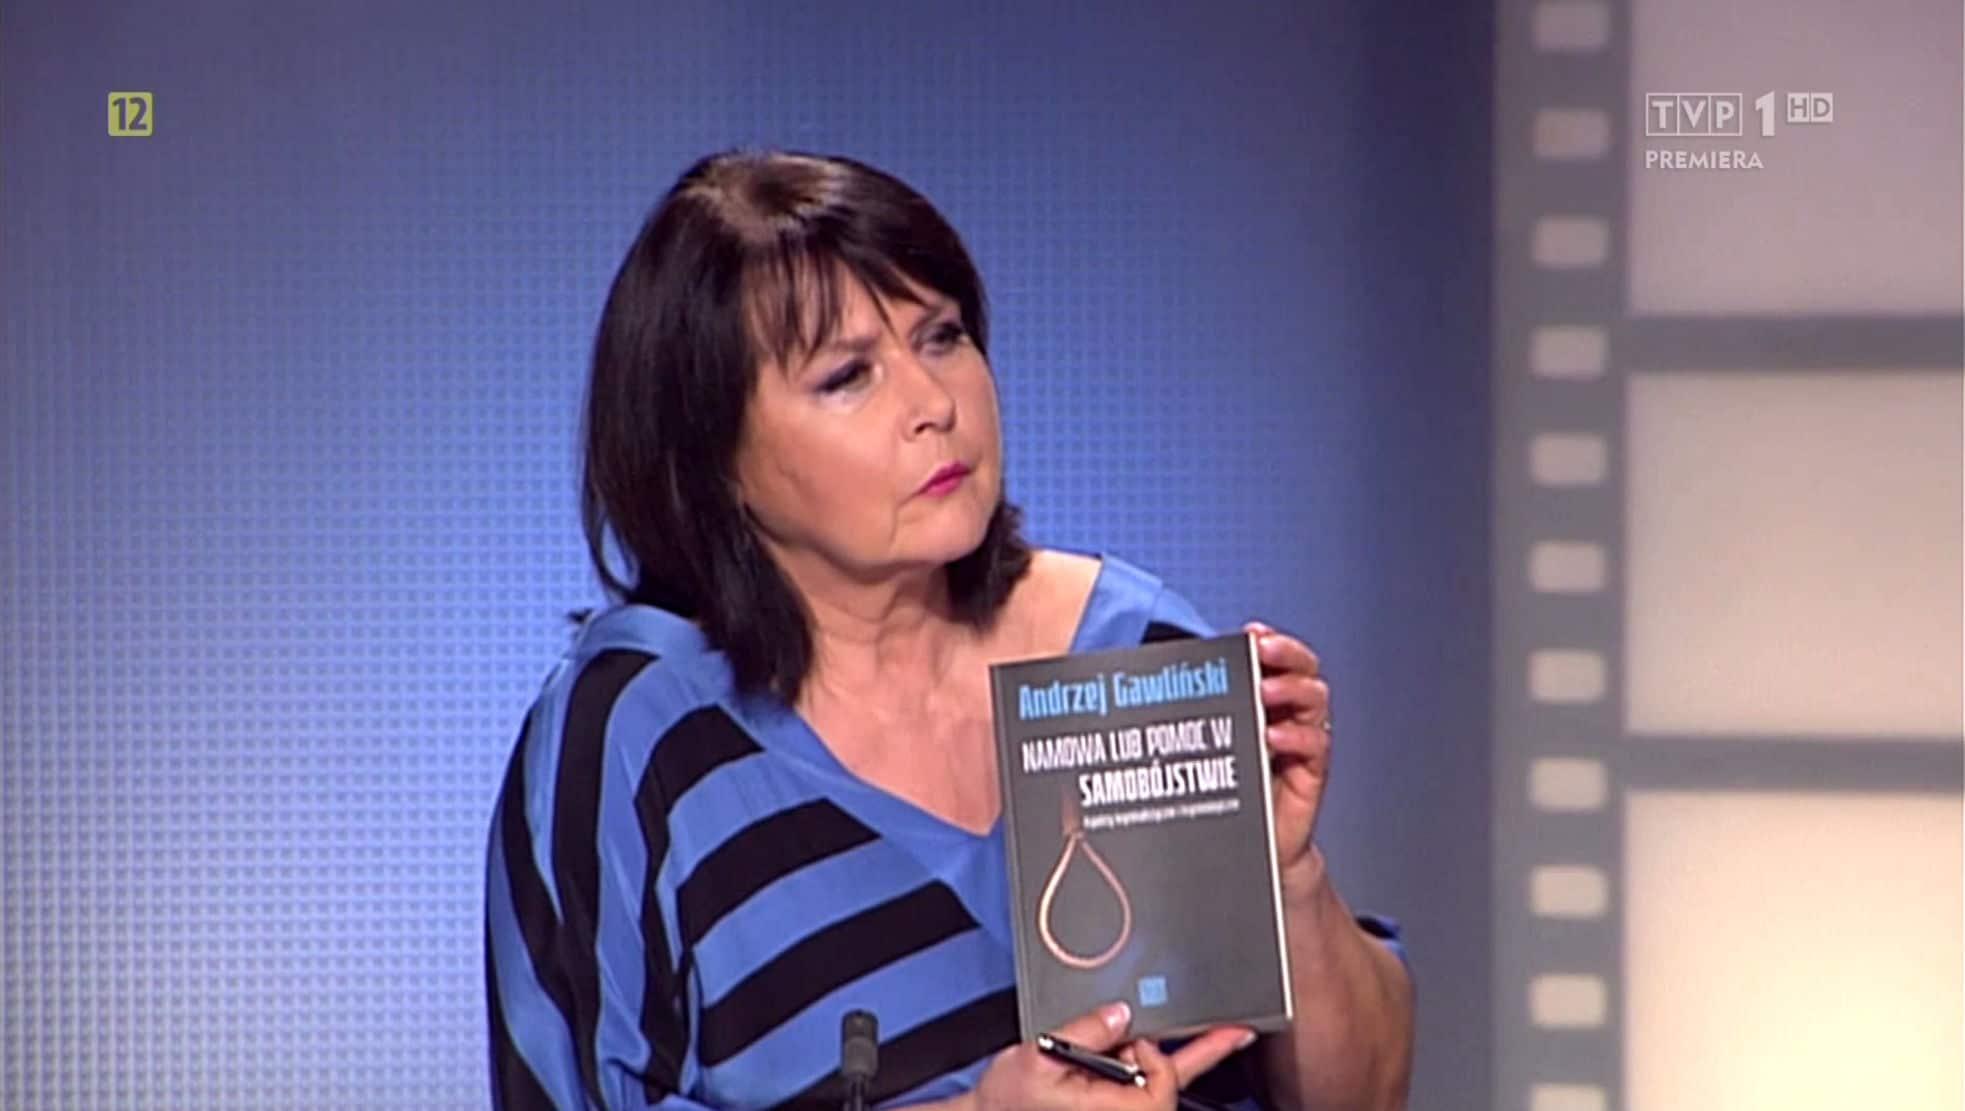 Elżbieta Jaworowicz z książką Namowa lub pomoc w samobójstwie